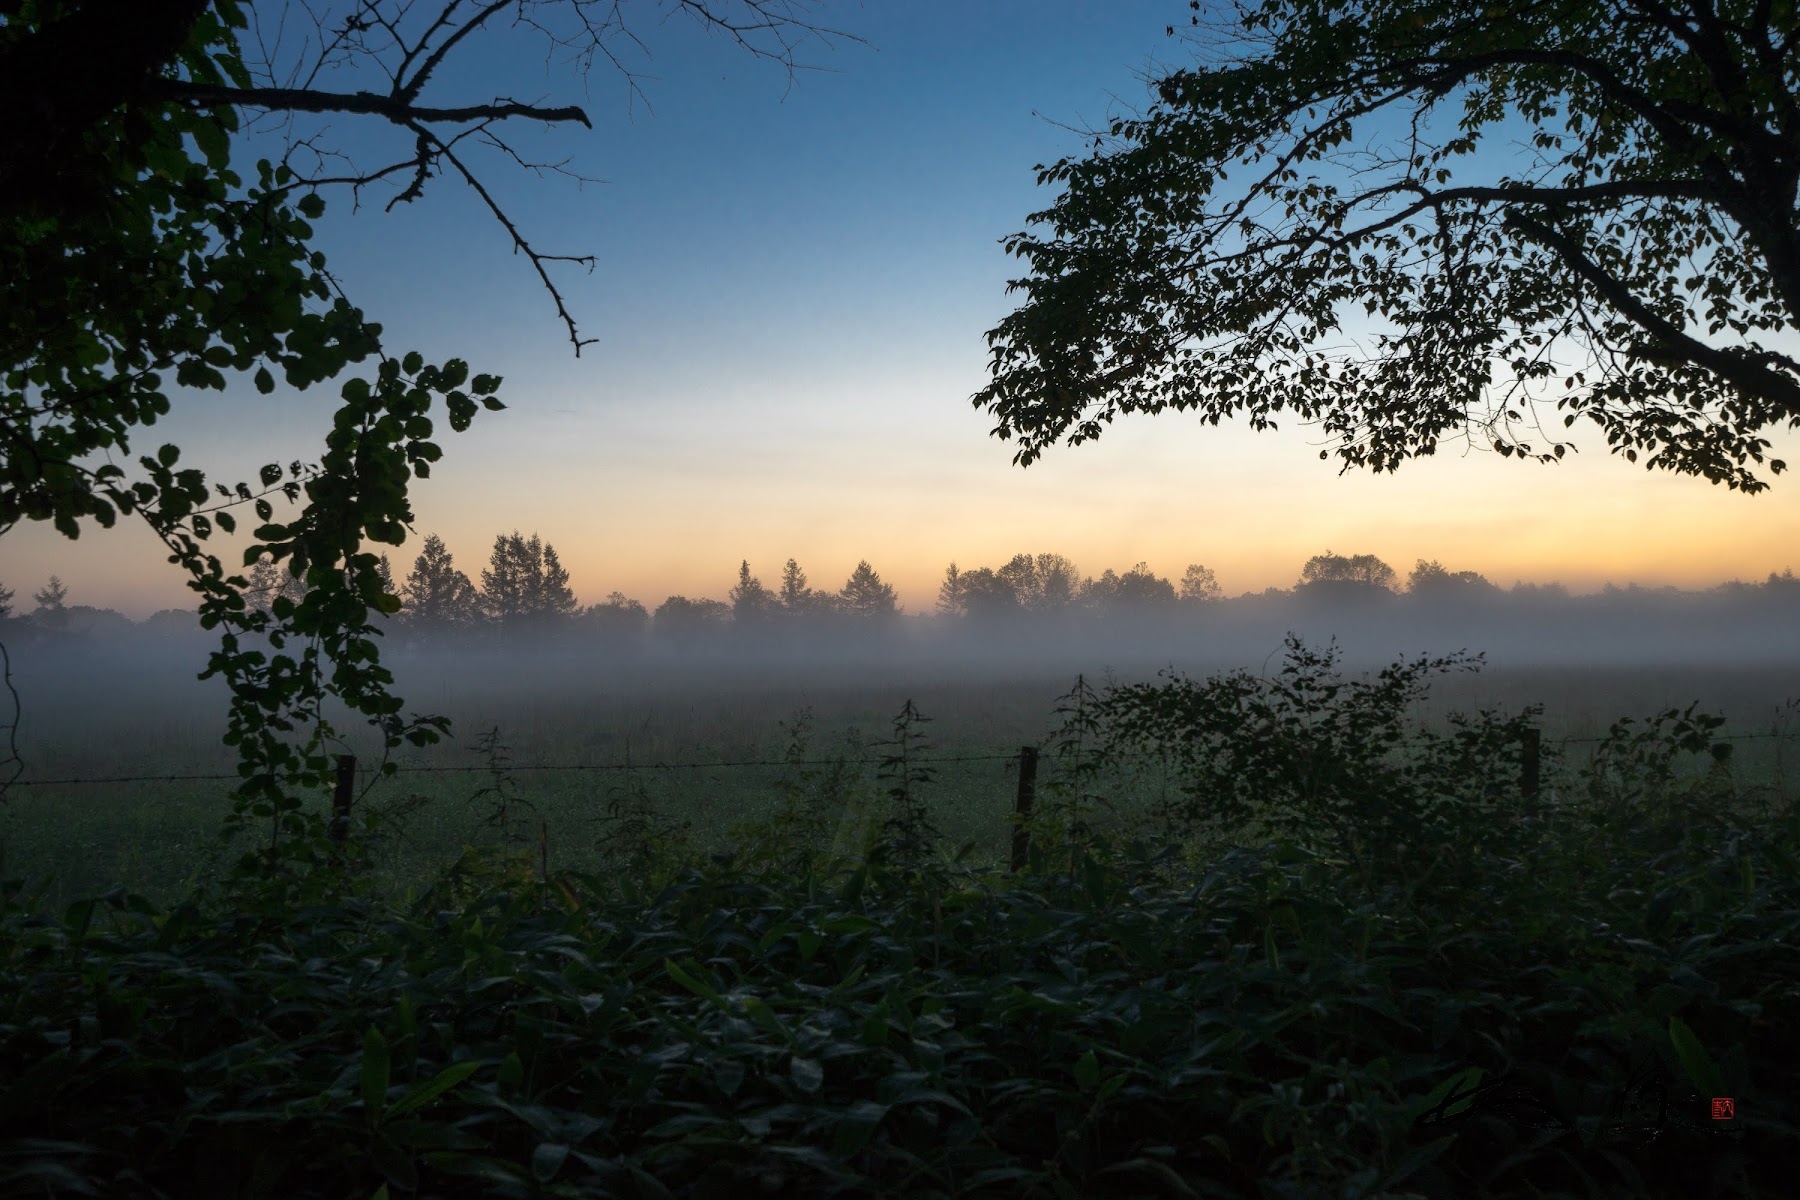 朝靄に包まれた平原を通り抜けて。。。